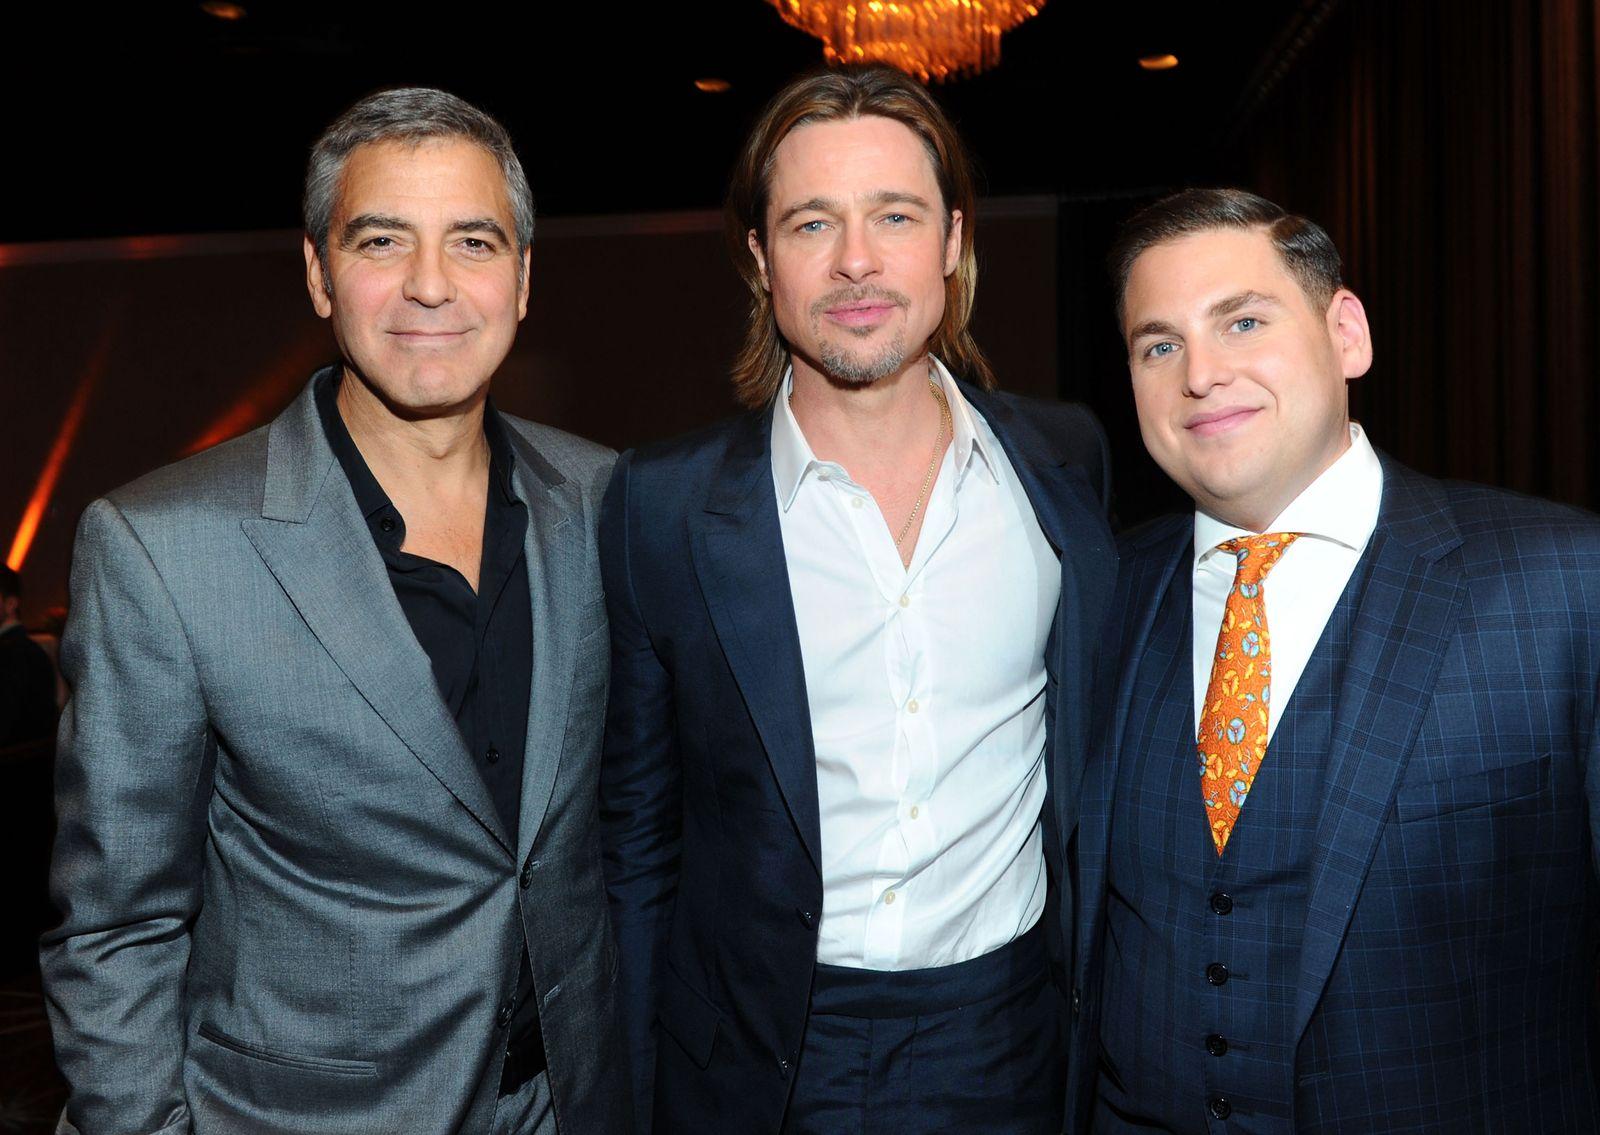 Clooney/ Pitt